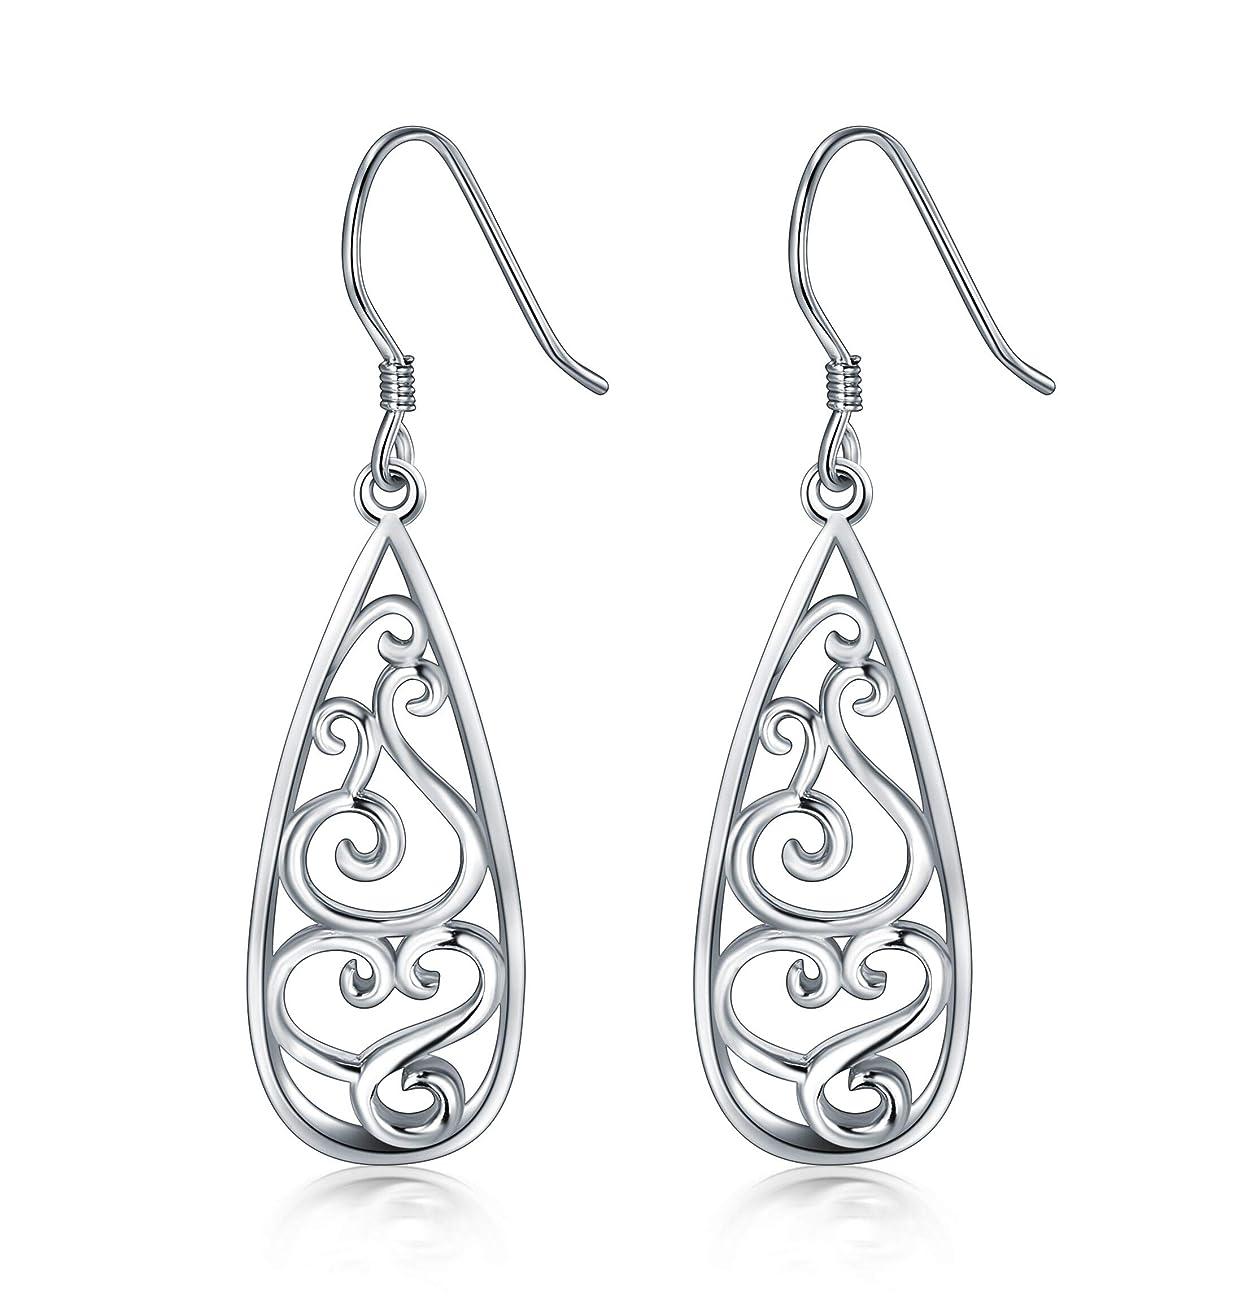 925 Sterling Silver Earrings, BoRuo Filigree Teardrop Earrings